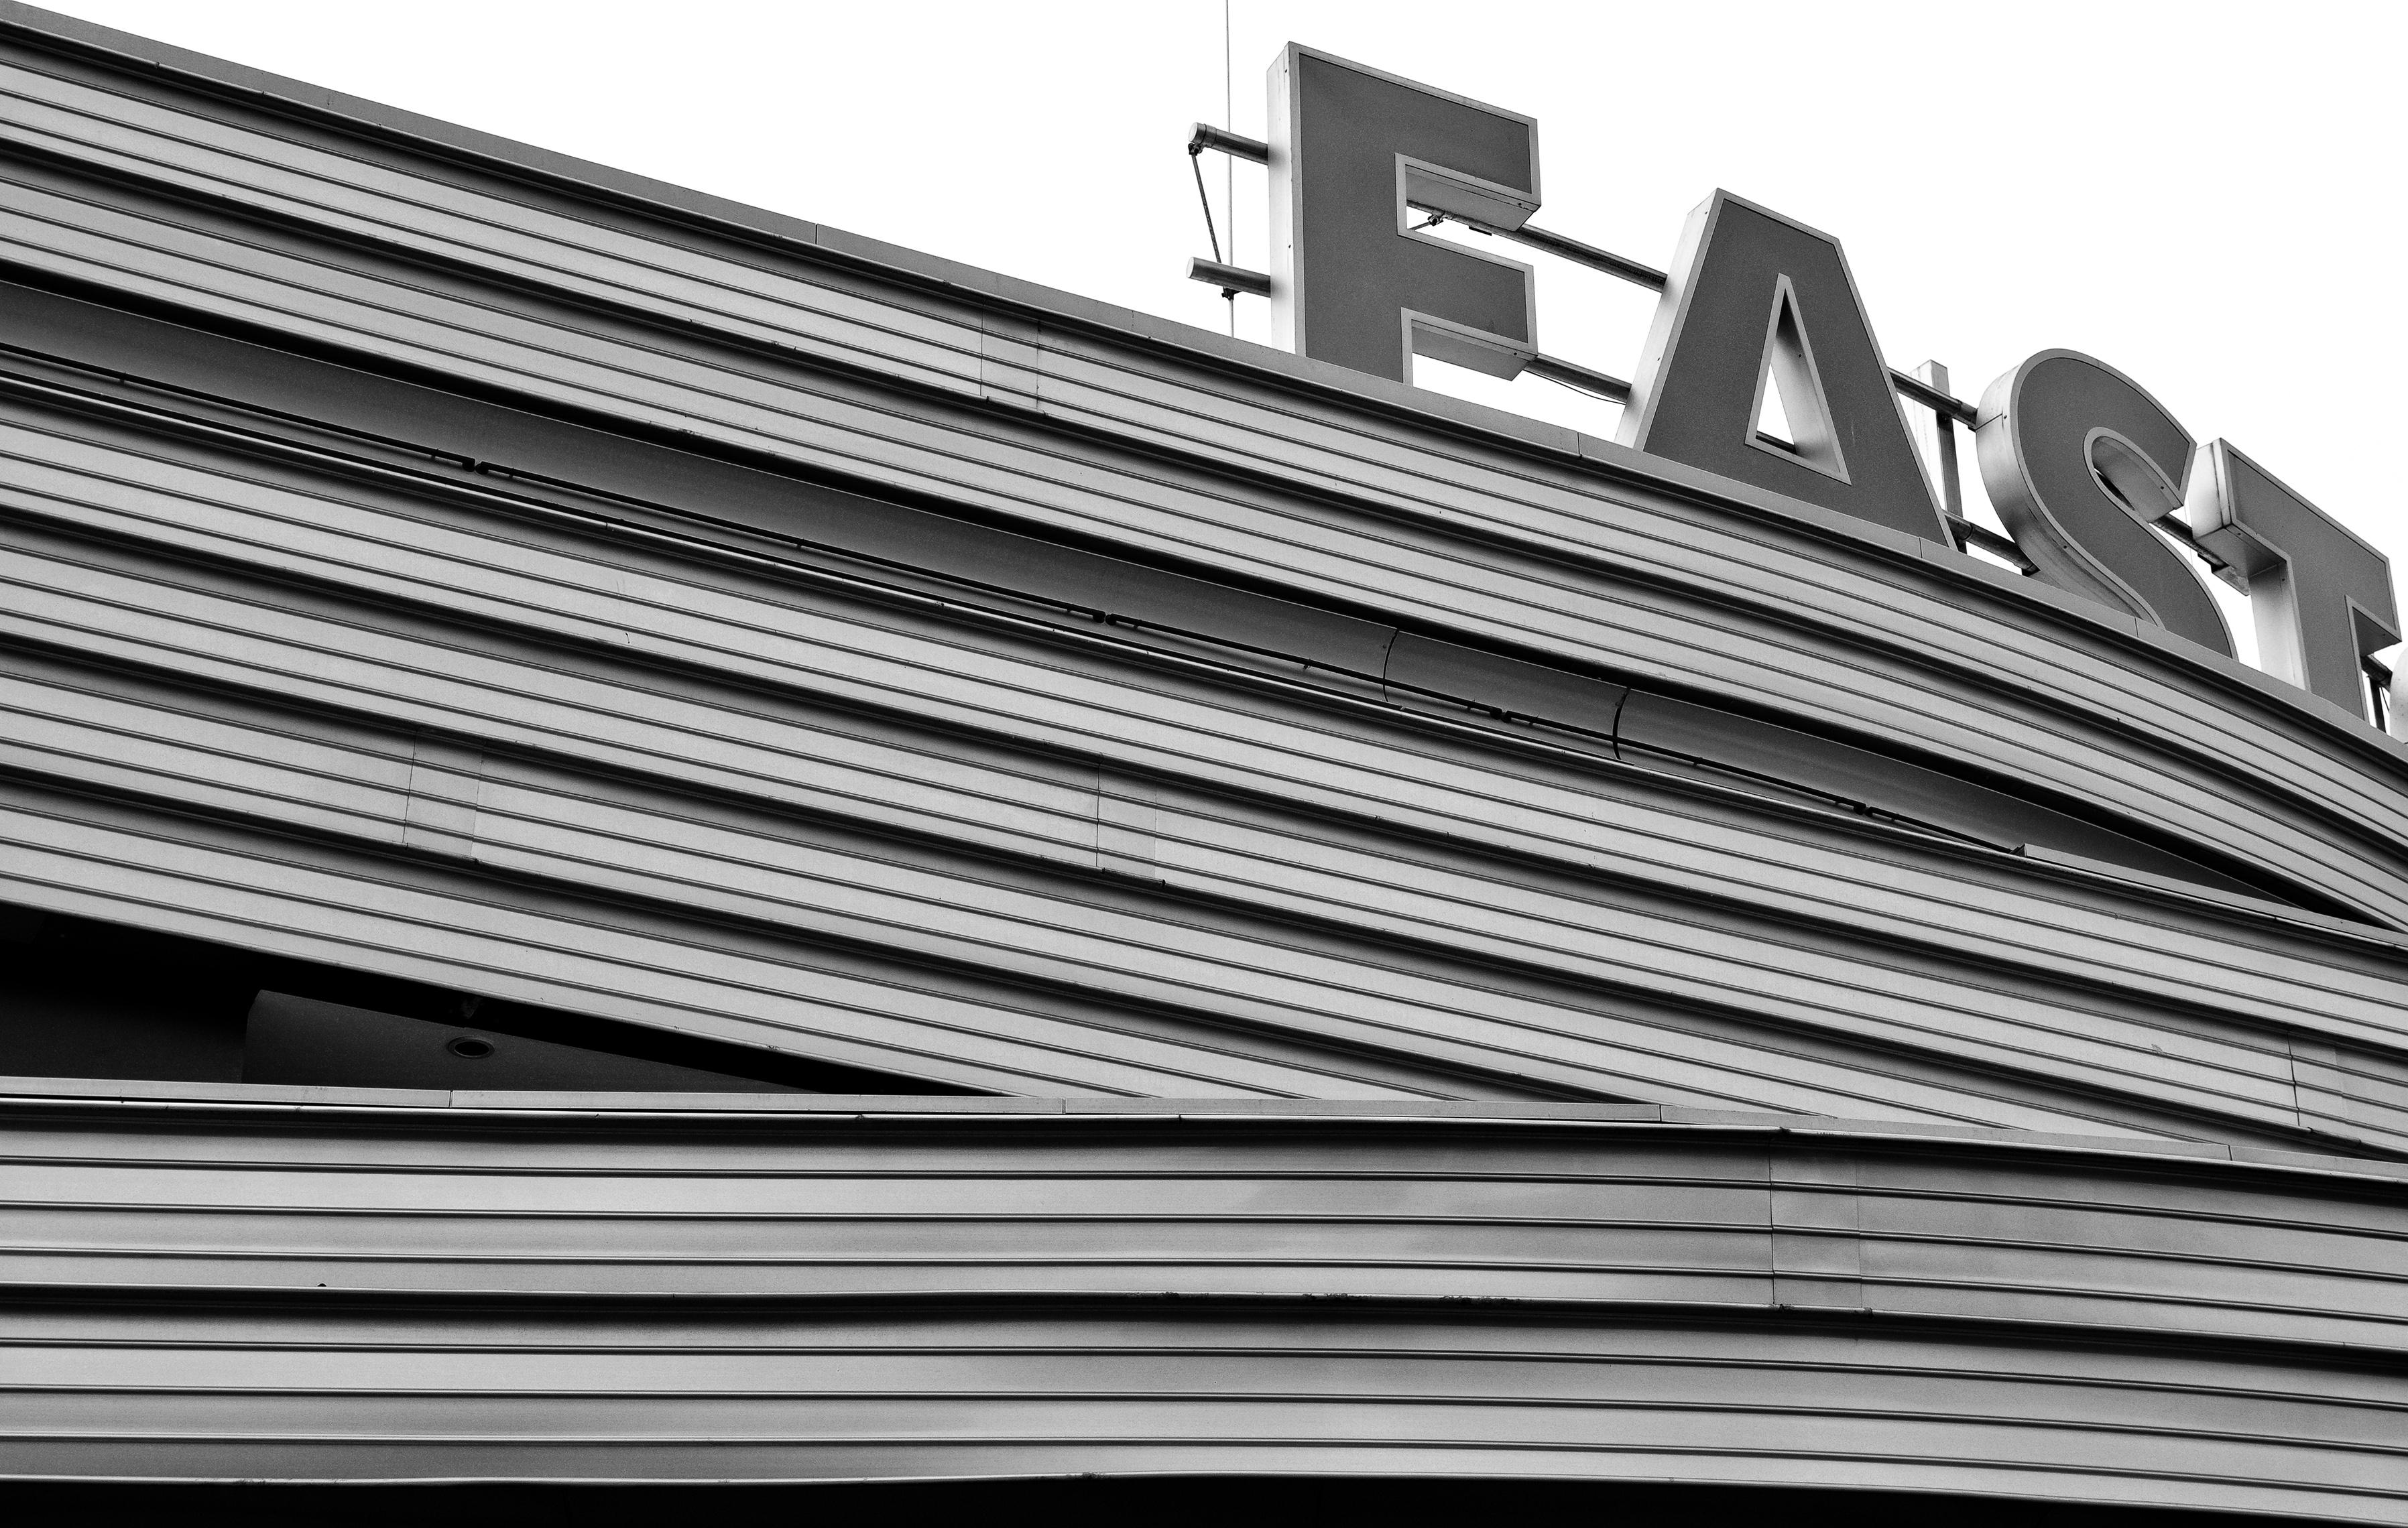 Stehlen Design hintergrundbilder schwarz einfarbig die architektur gebäude